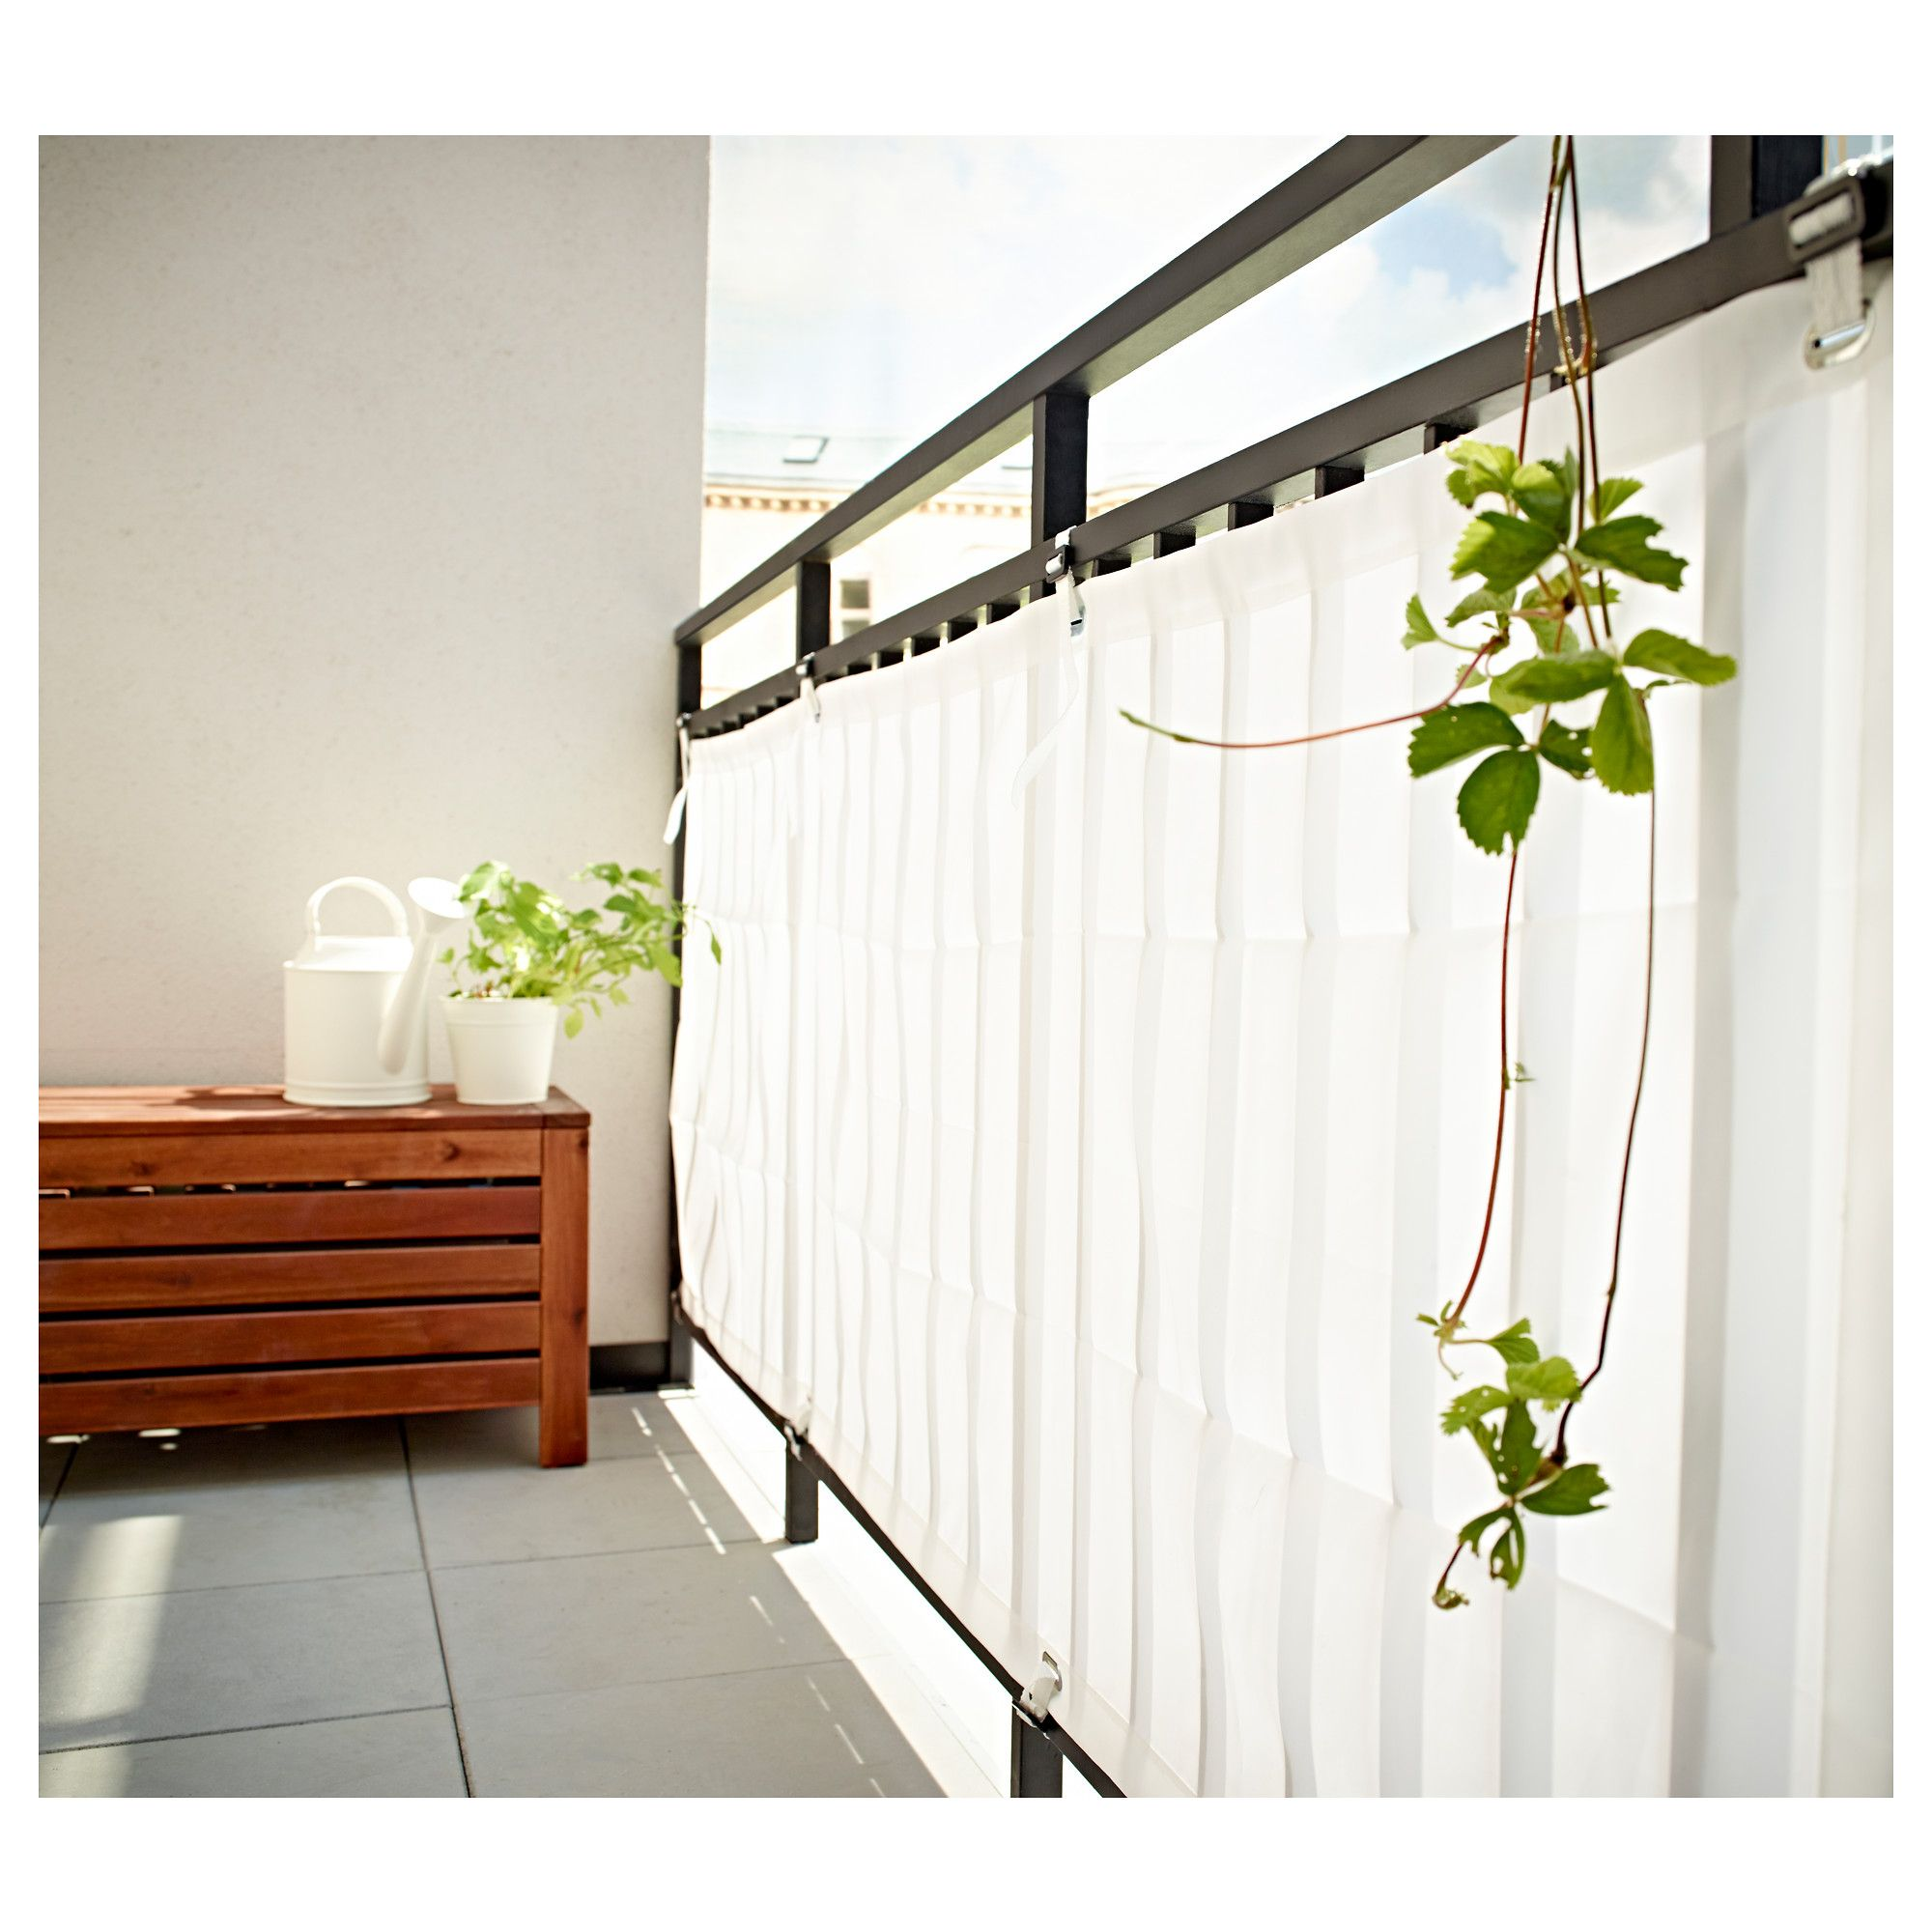 Dyning Prostateytiko Gia Ton Aera Hlio Ikea Apartment Patio